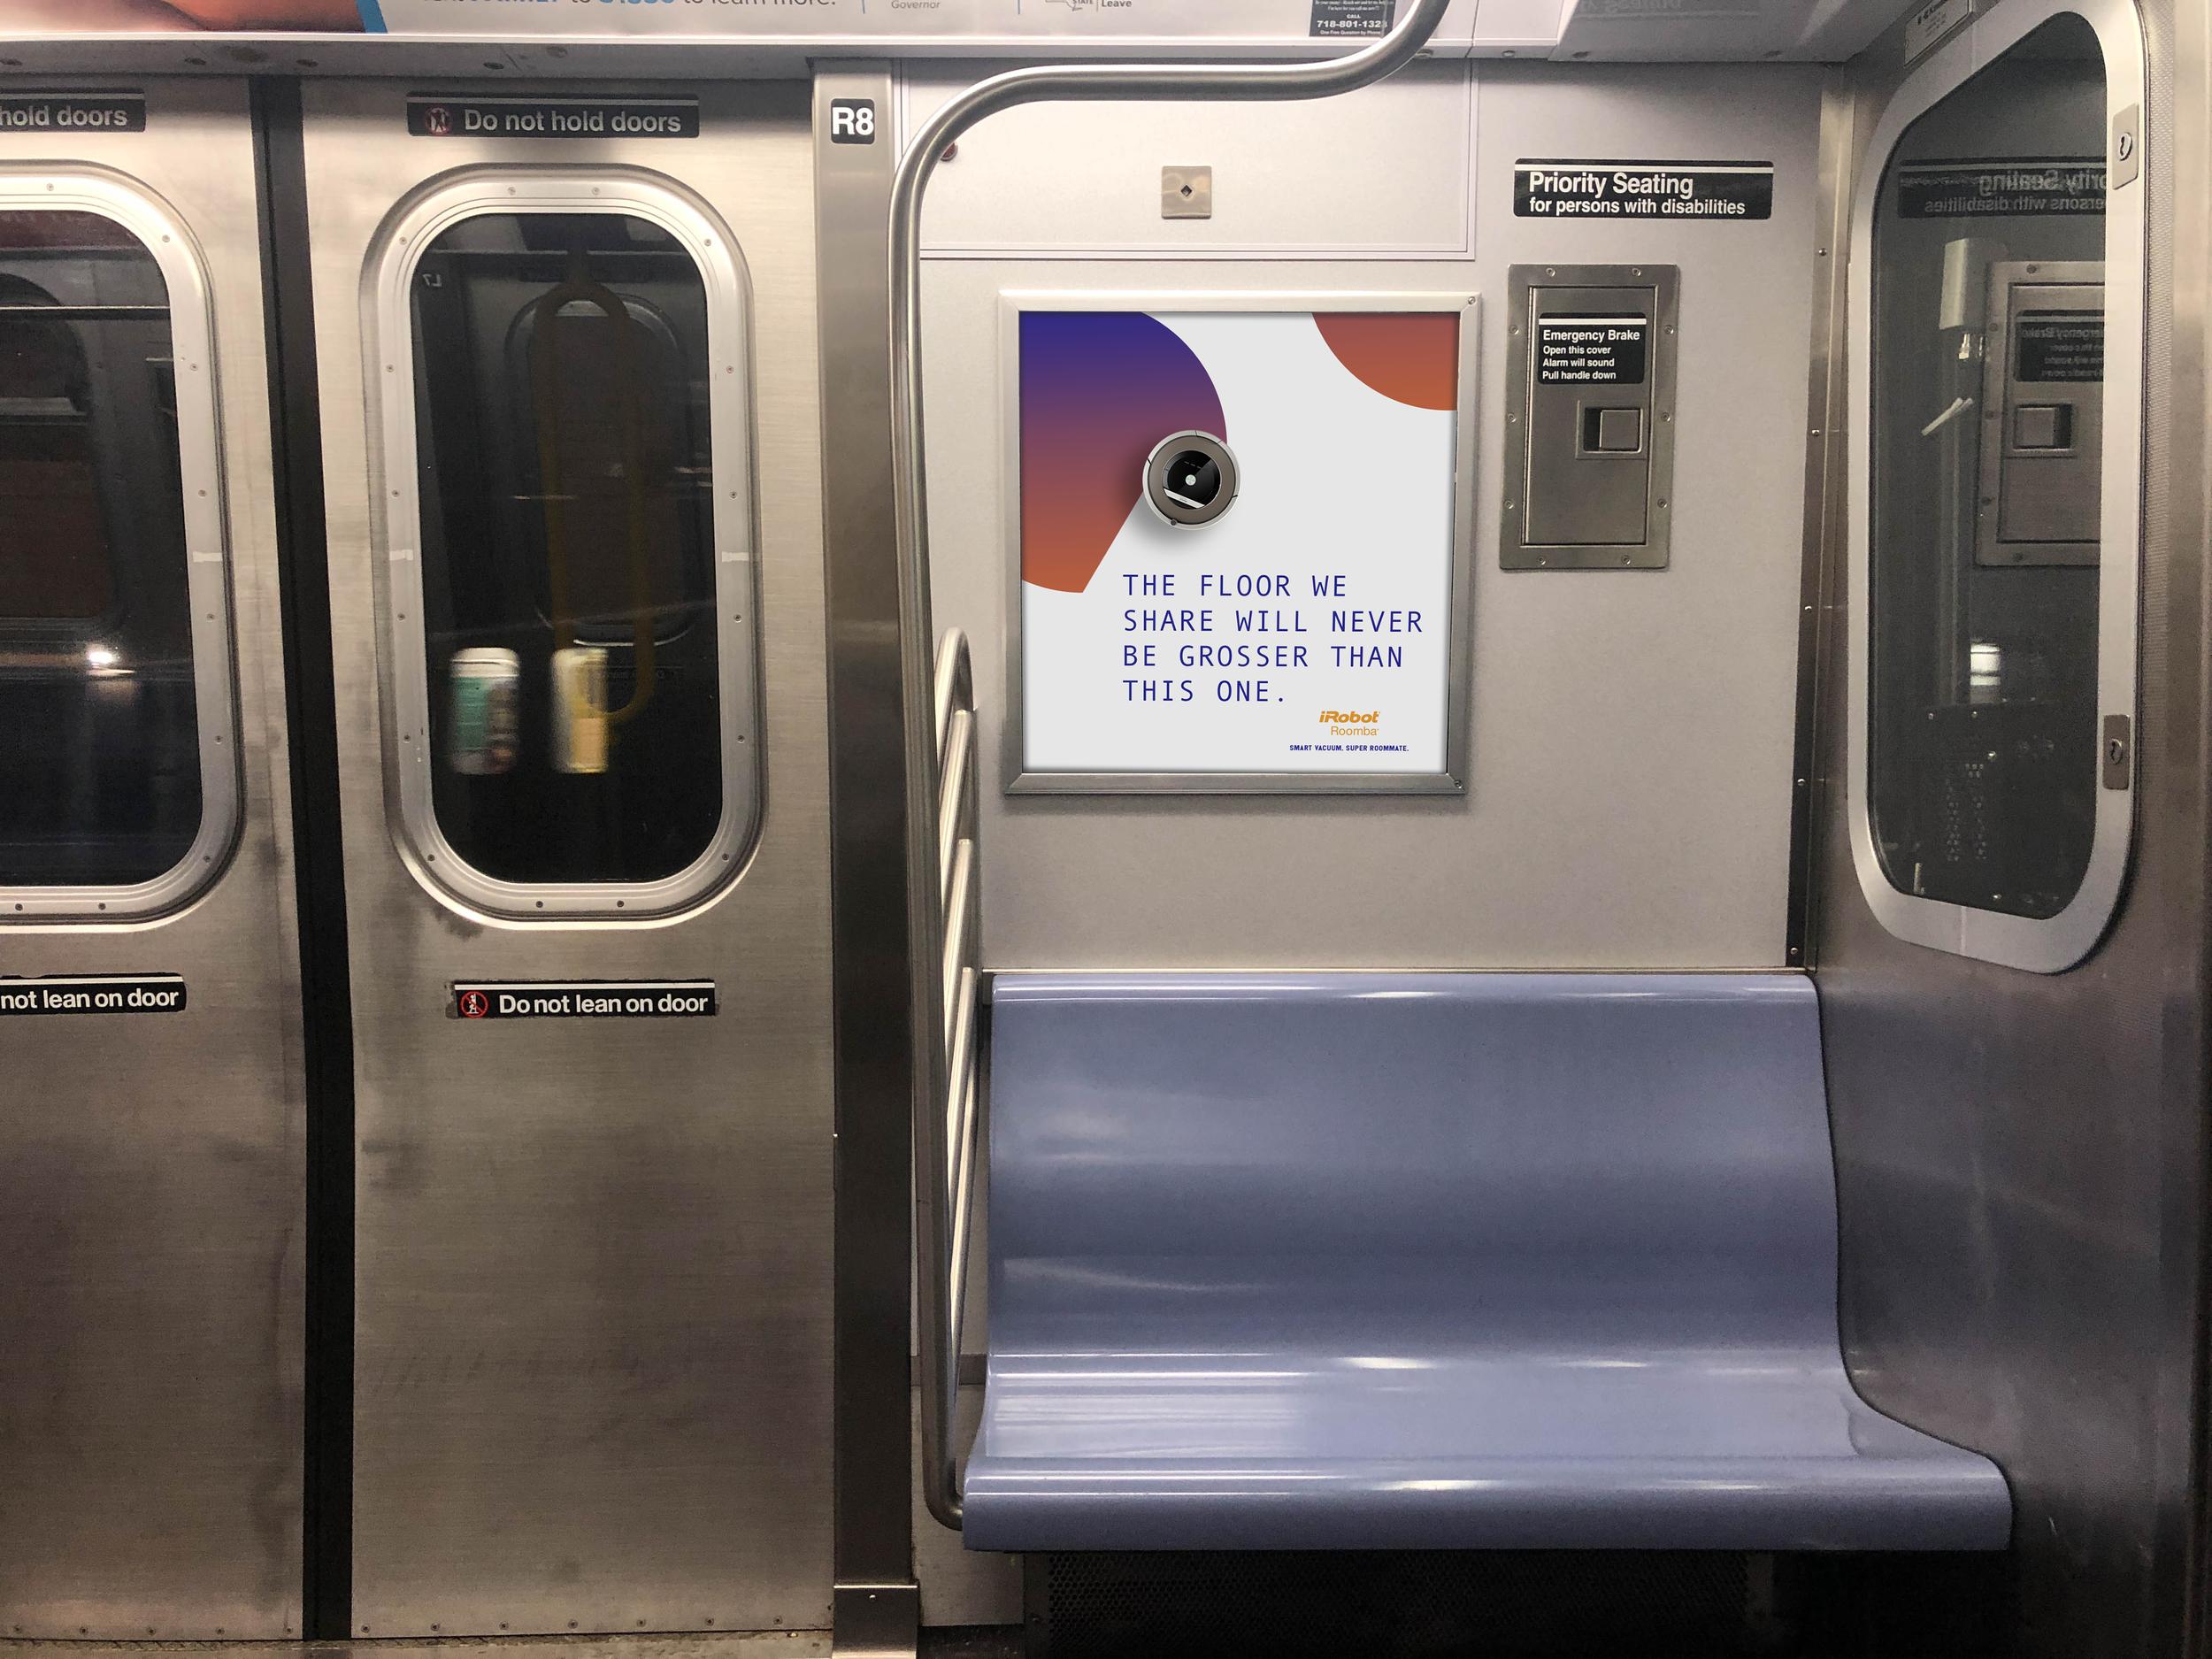 roomba-subway.png